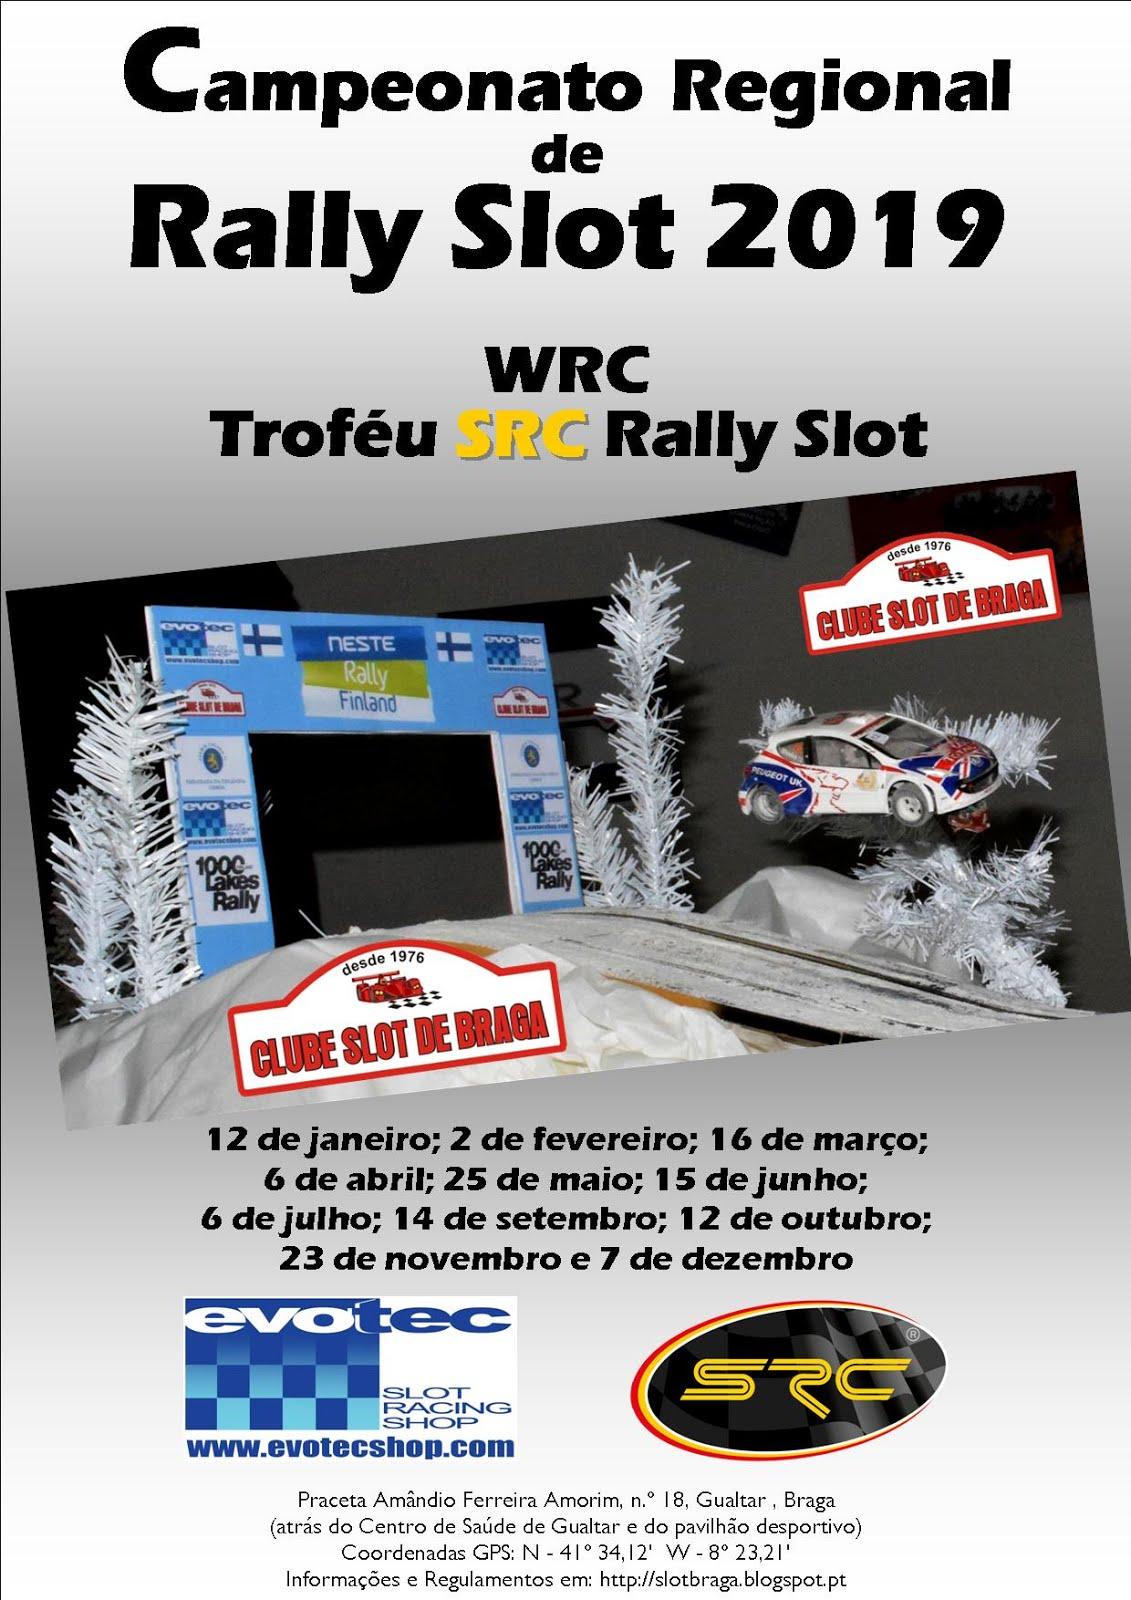 Campeonato Regional de Rally Slot de Braga 2019